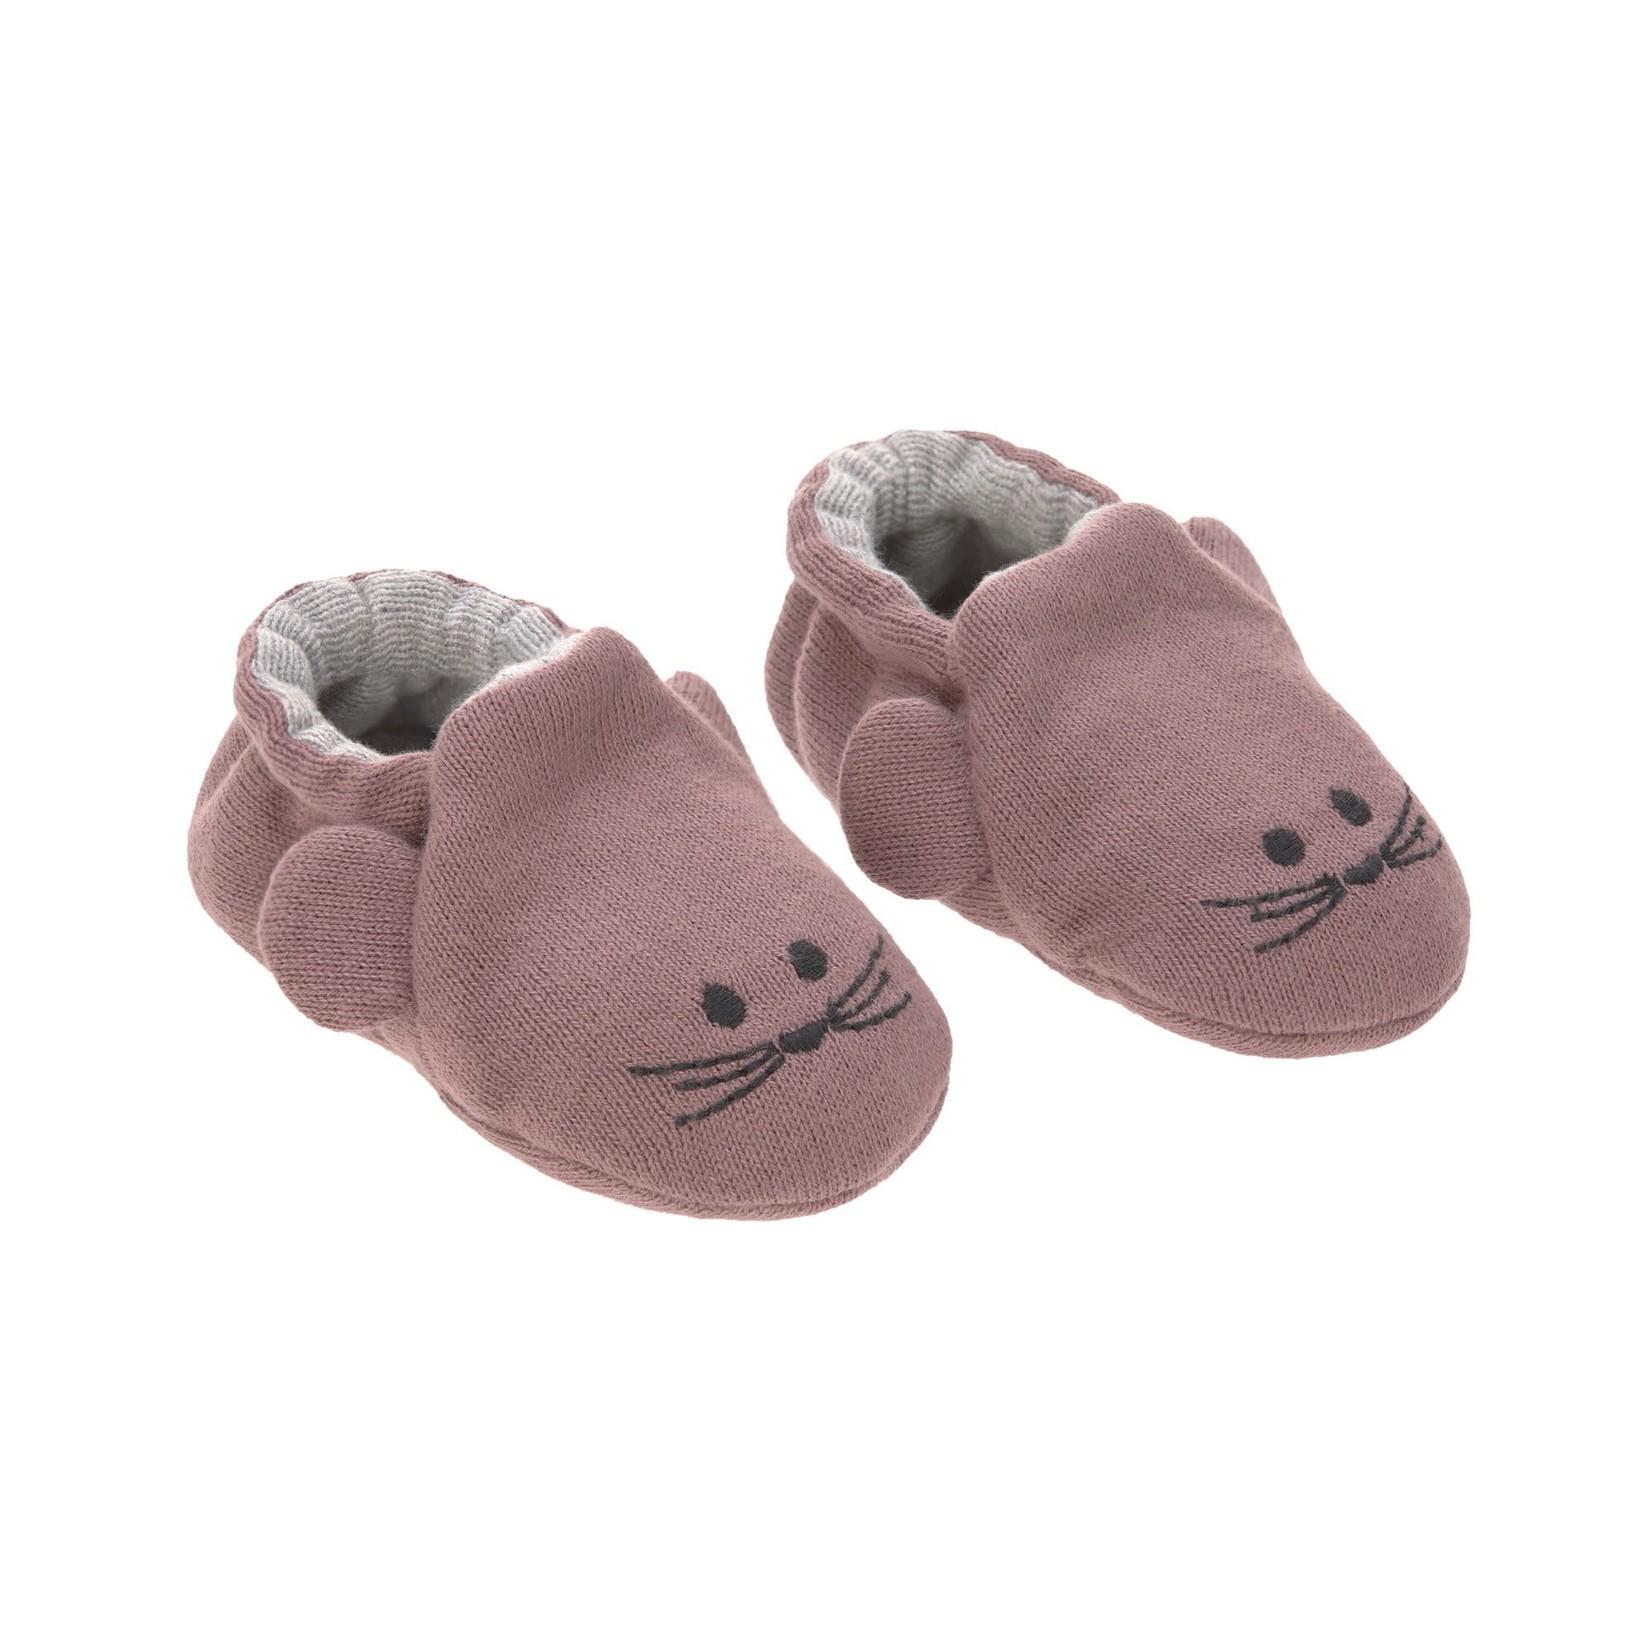 Lässig Babyslofjes Little Chums (Mouse)